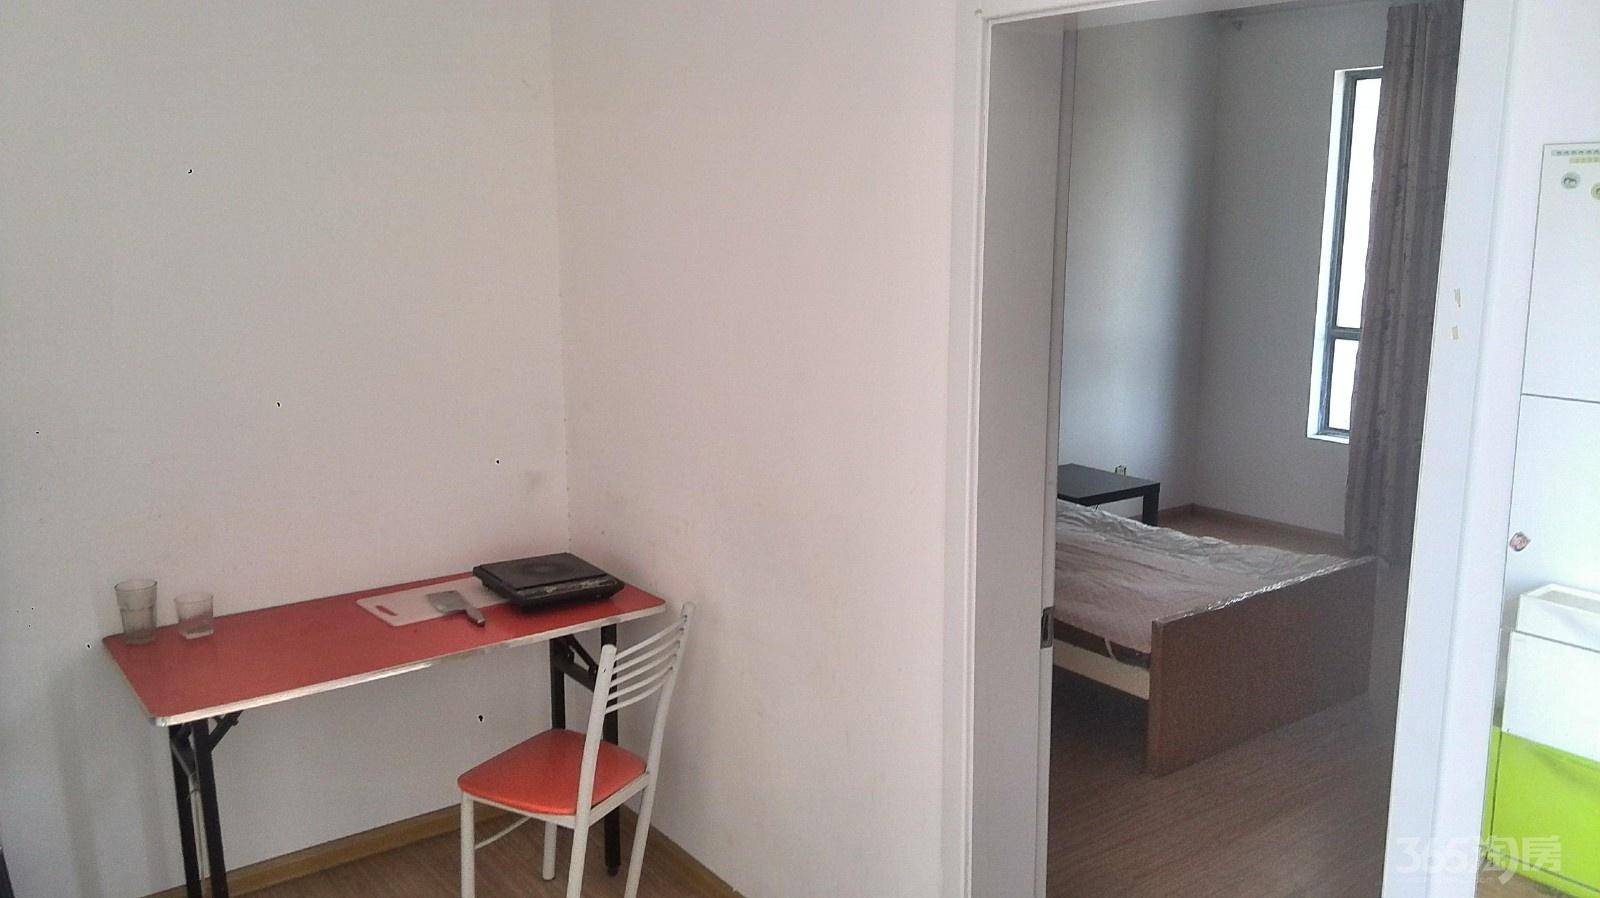 文博苑1室1厅1卫40.00平米整租简装